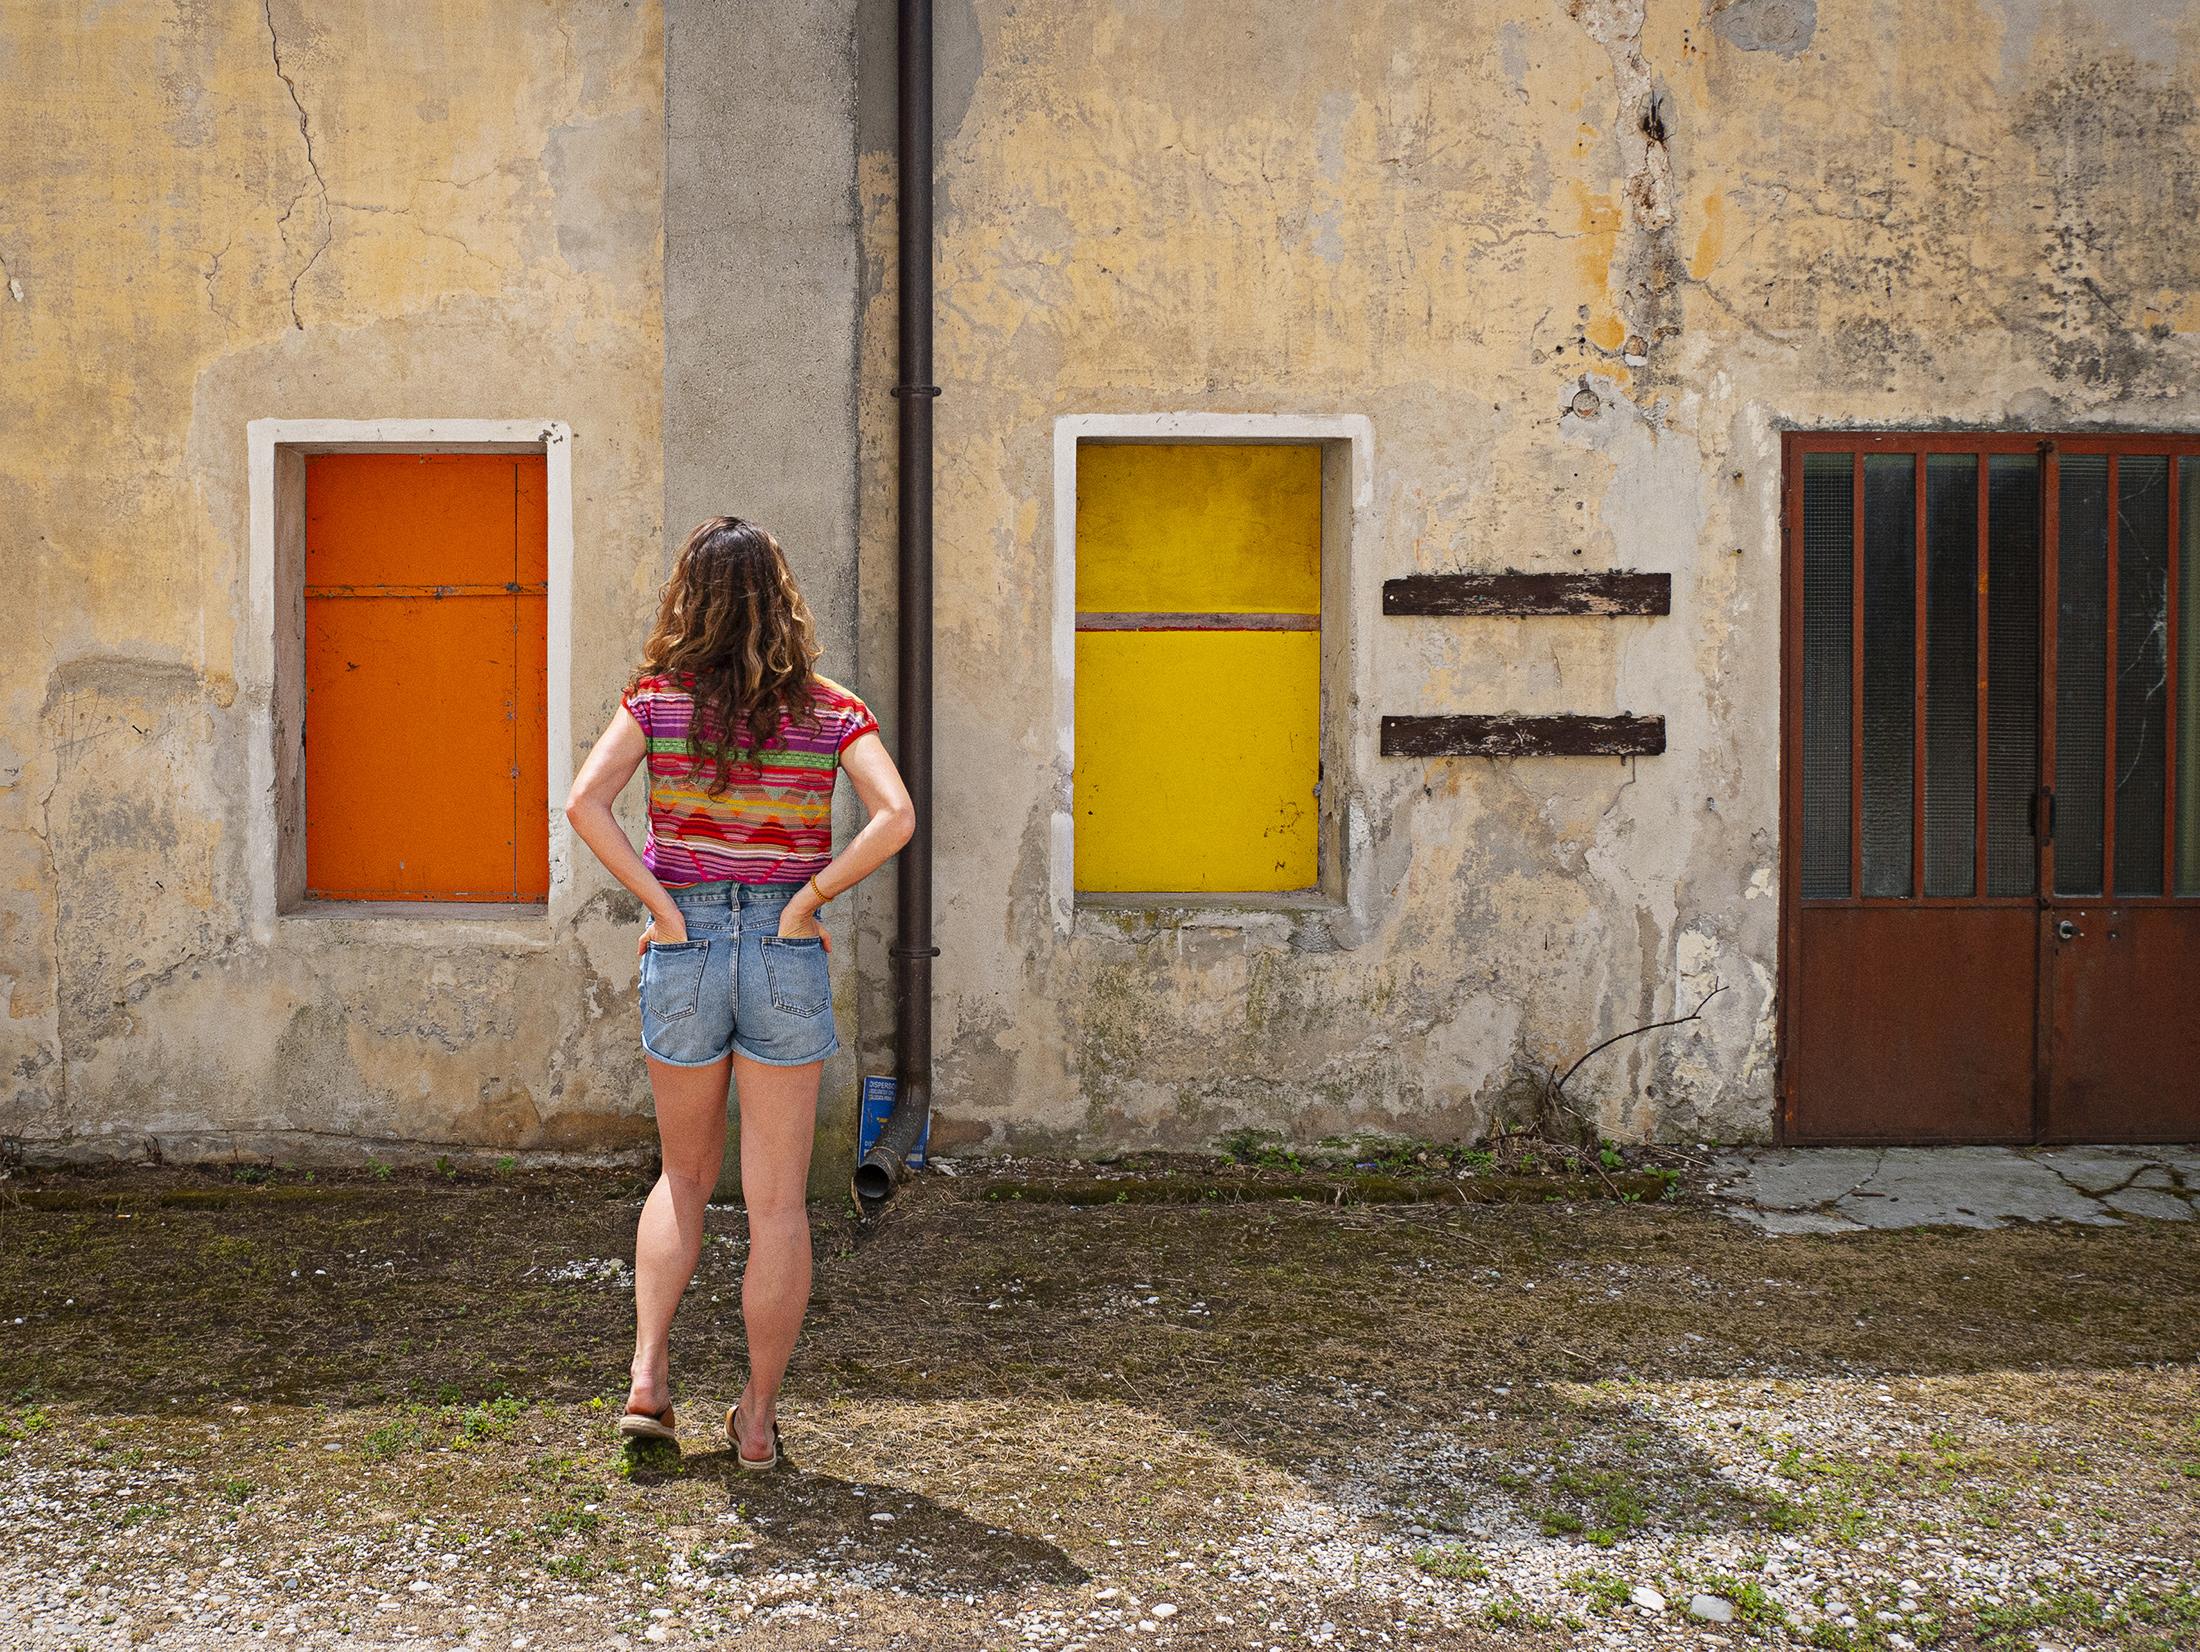 Jarred Elrod, Photography, Color